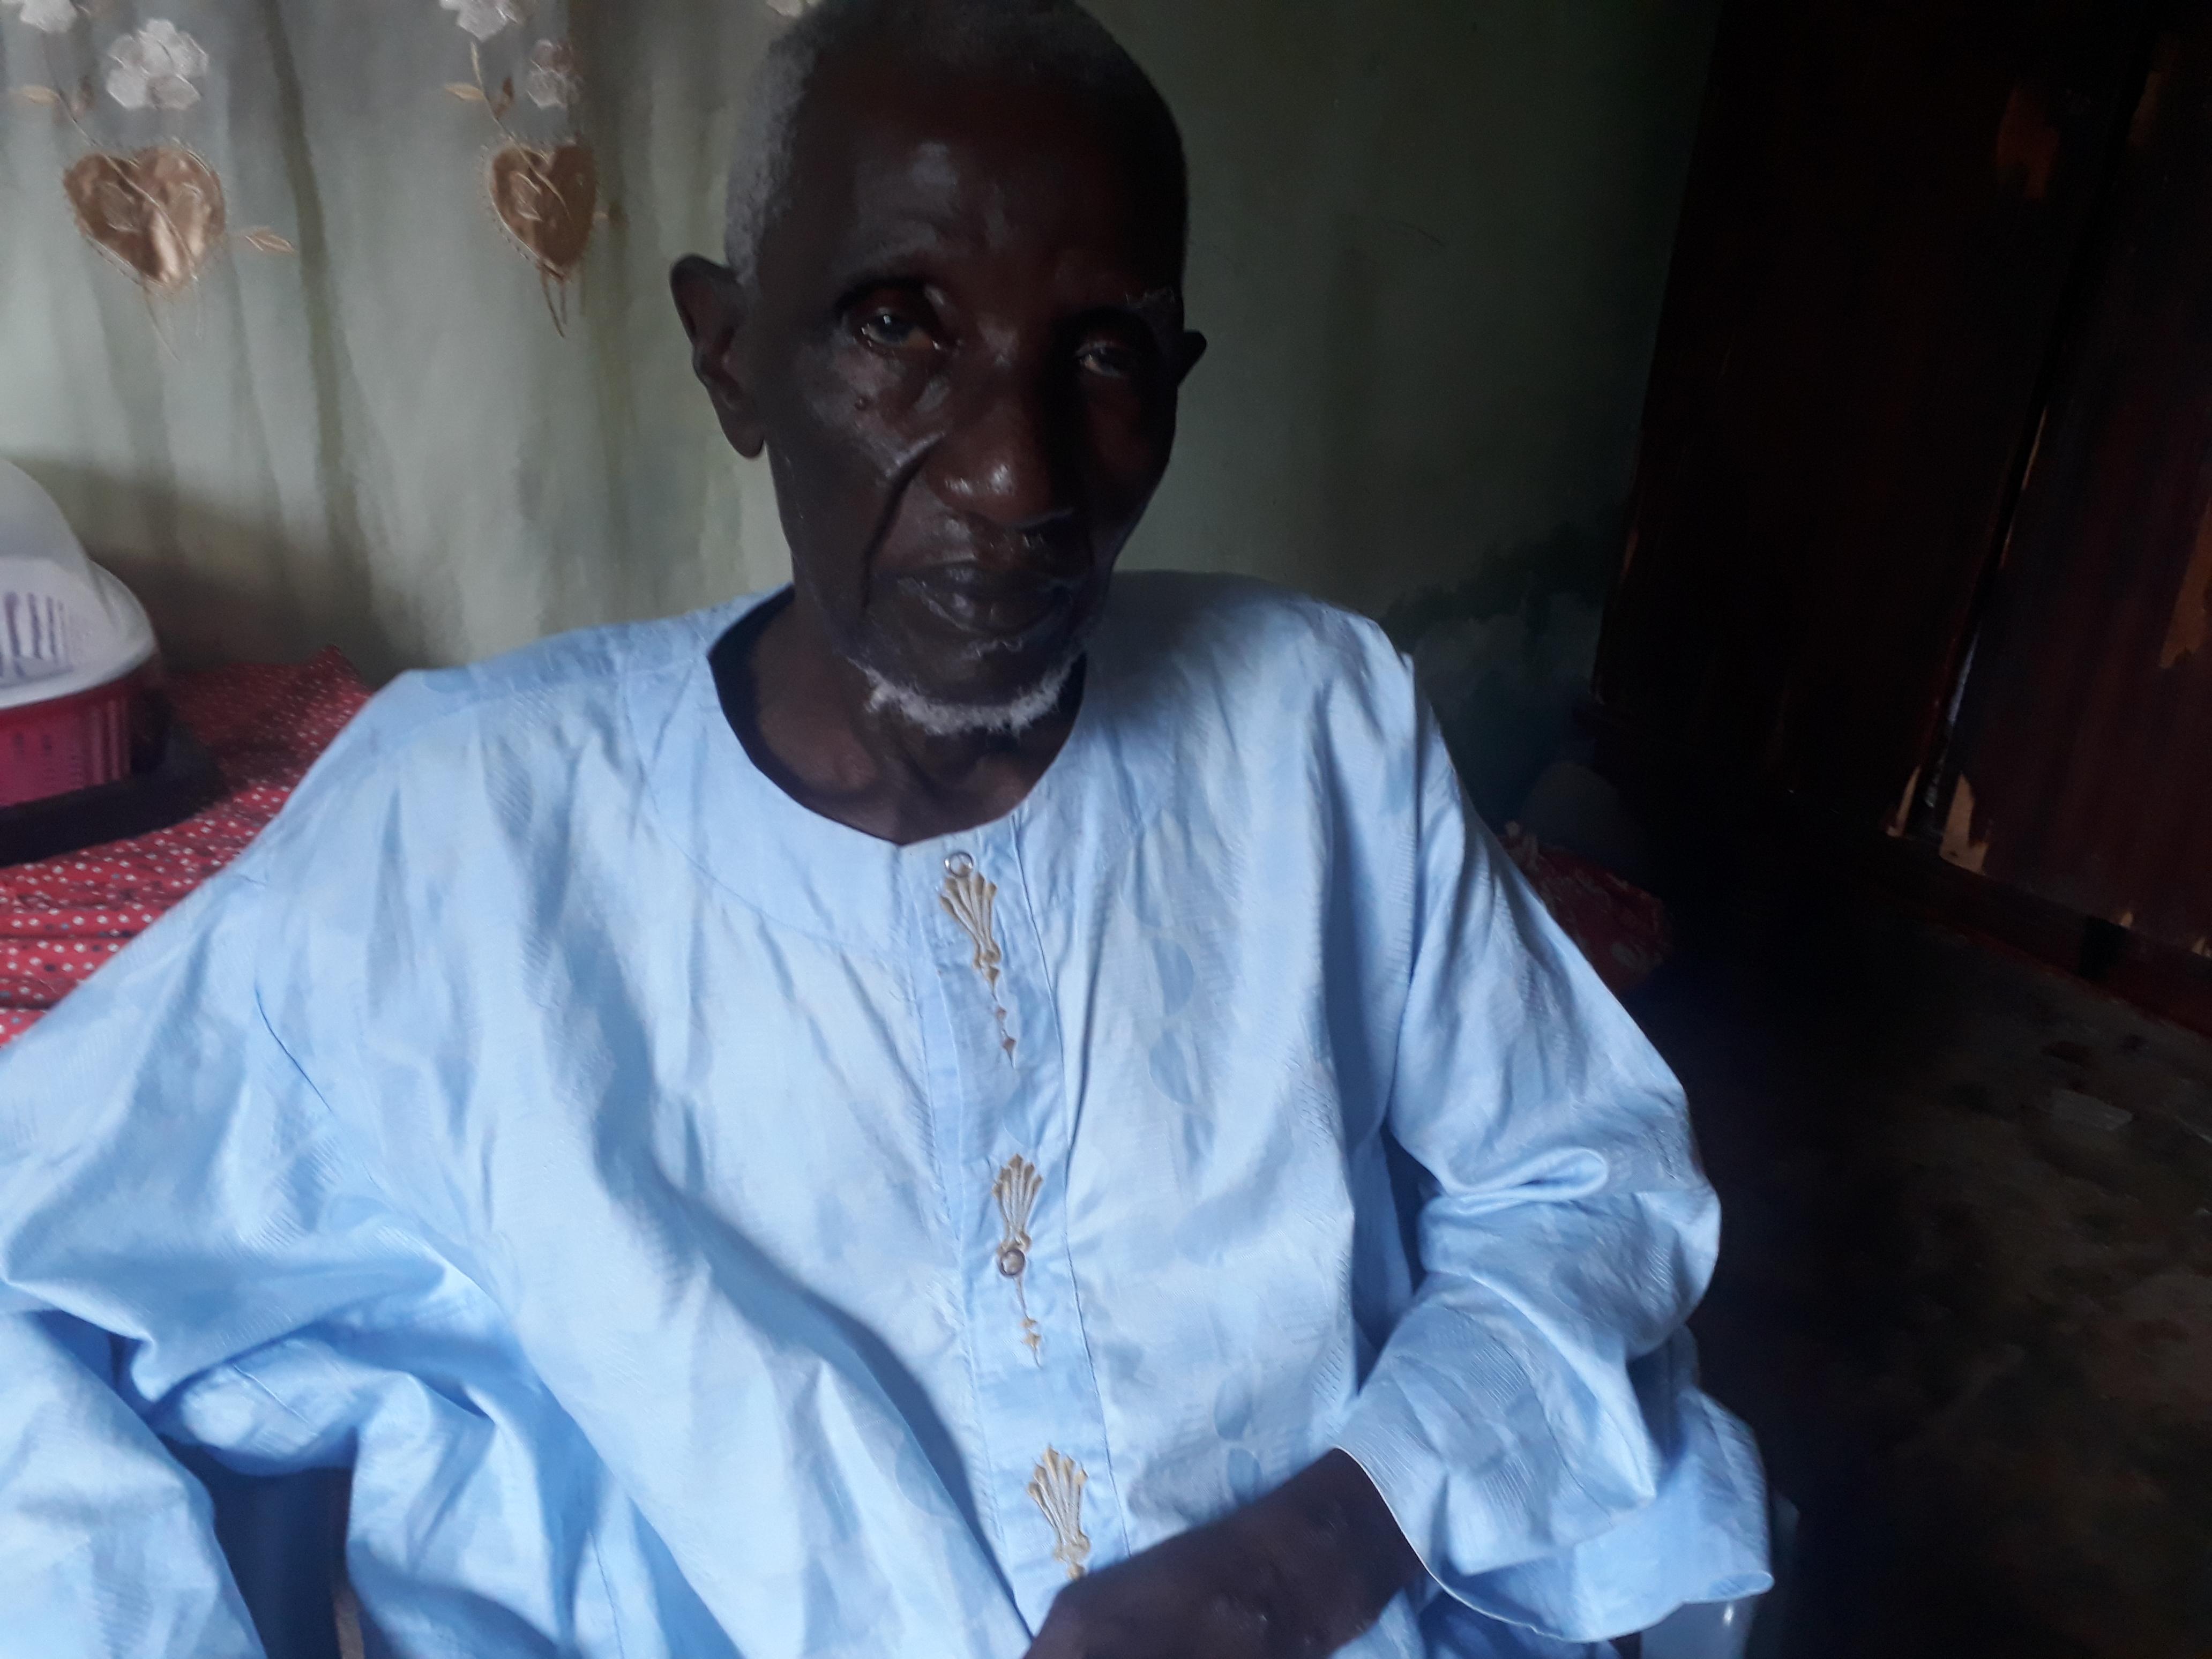 Commémoration du naufrage du bateau le Joola à Kolda / Cheikh Koma père d'une victime : « Je m'en remets à Dieu, mais je n'oublierai jamais mon fils Malang Koma, il était mon soutien …»